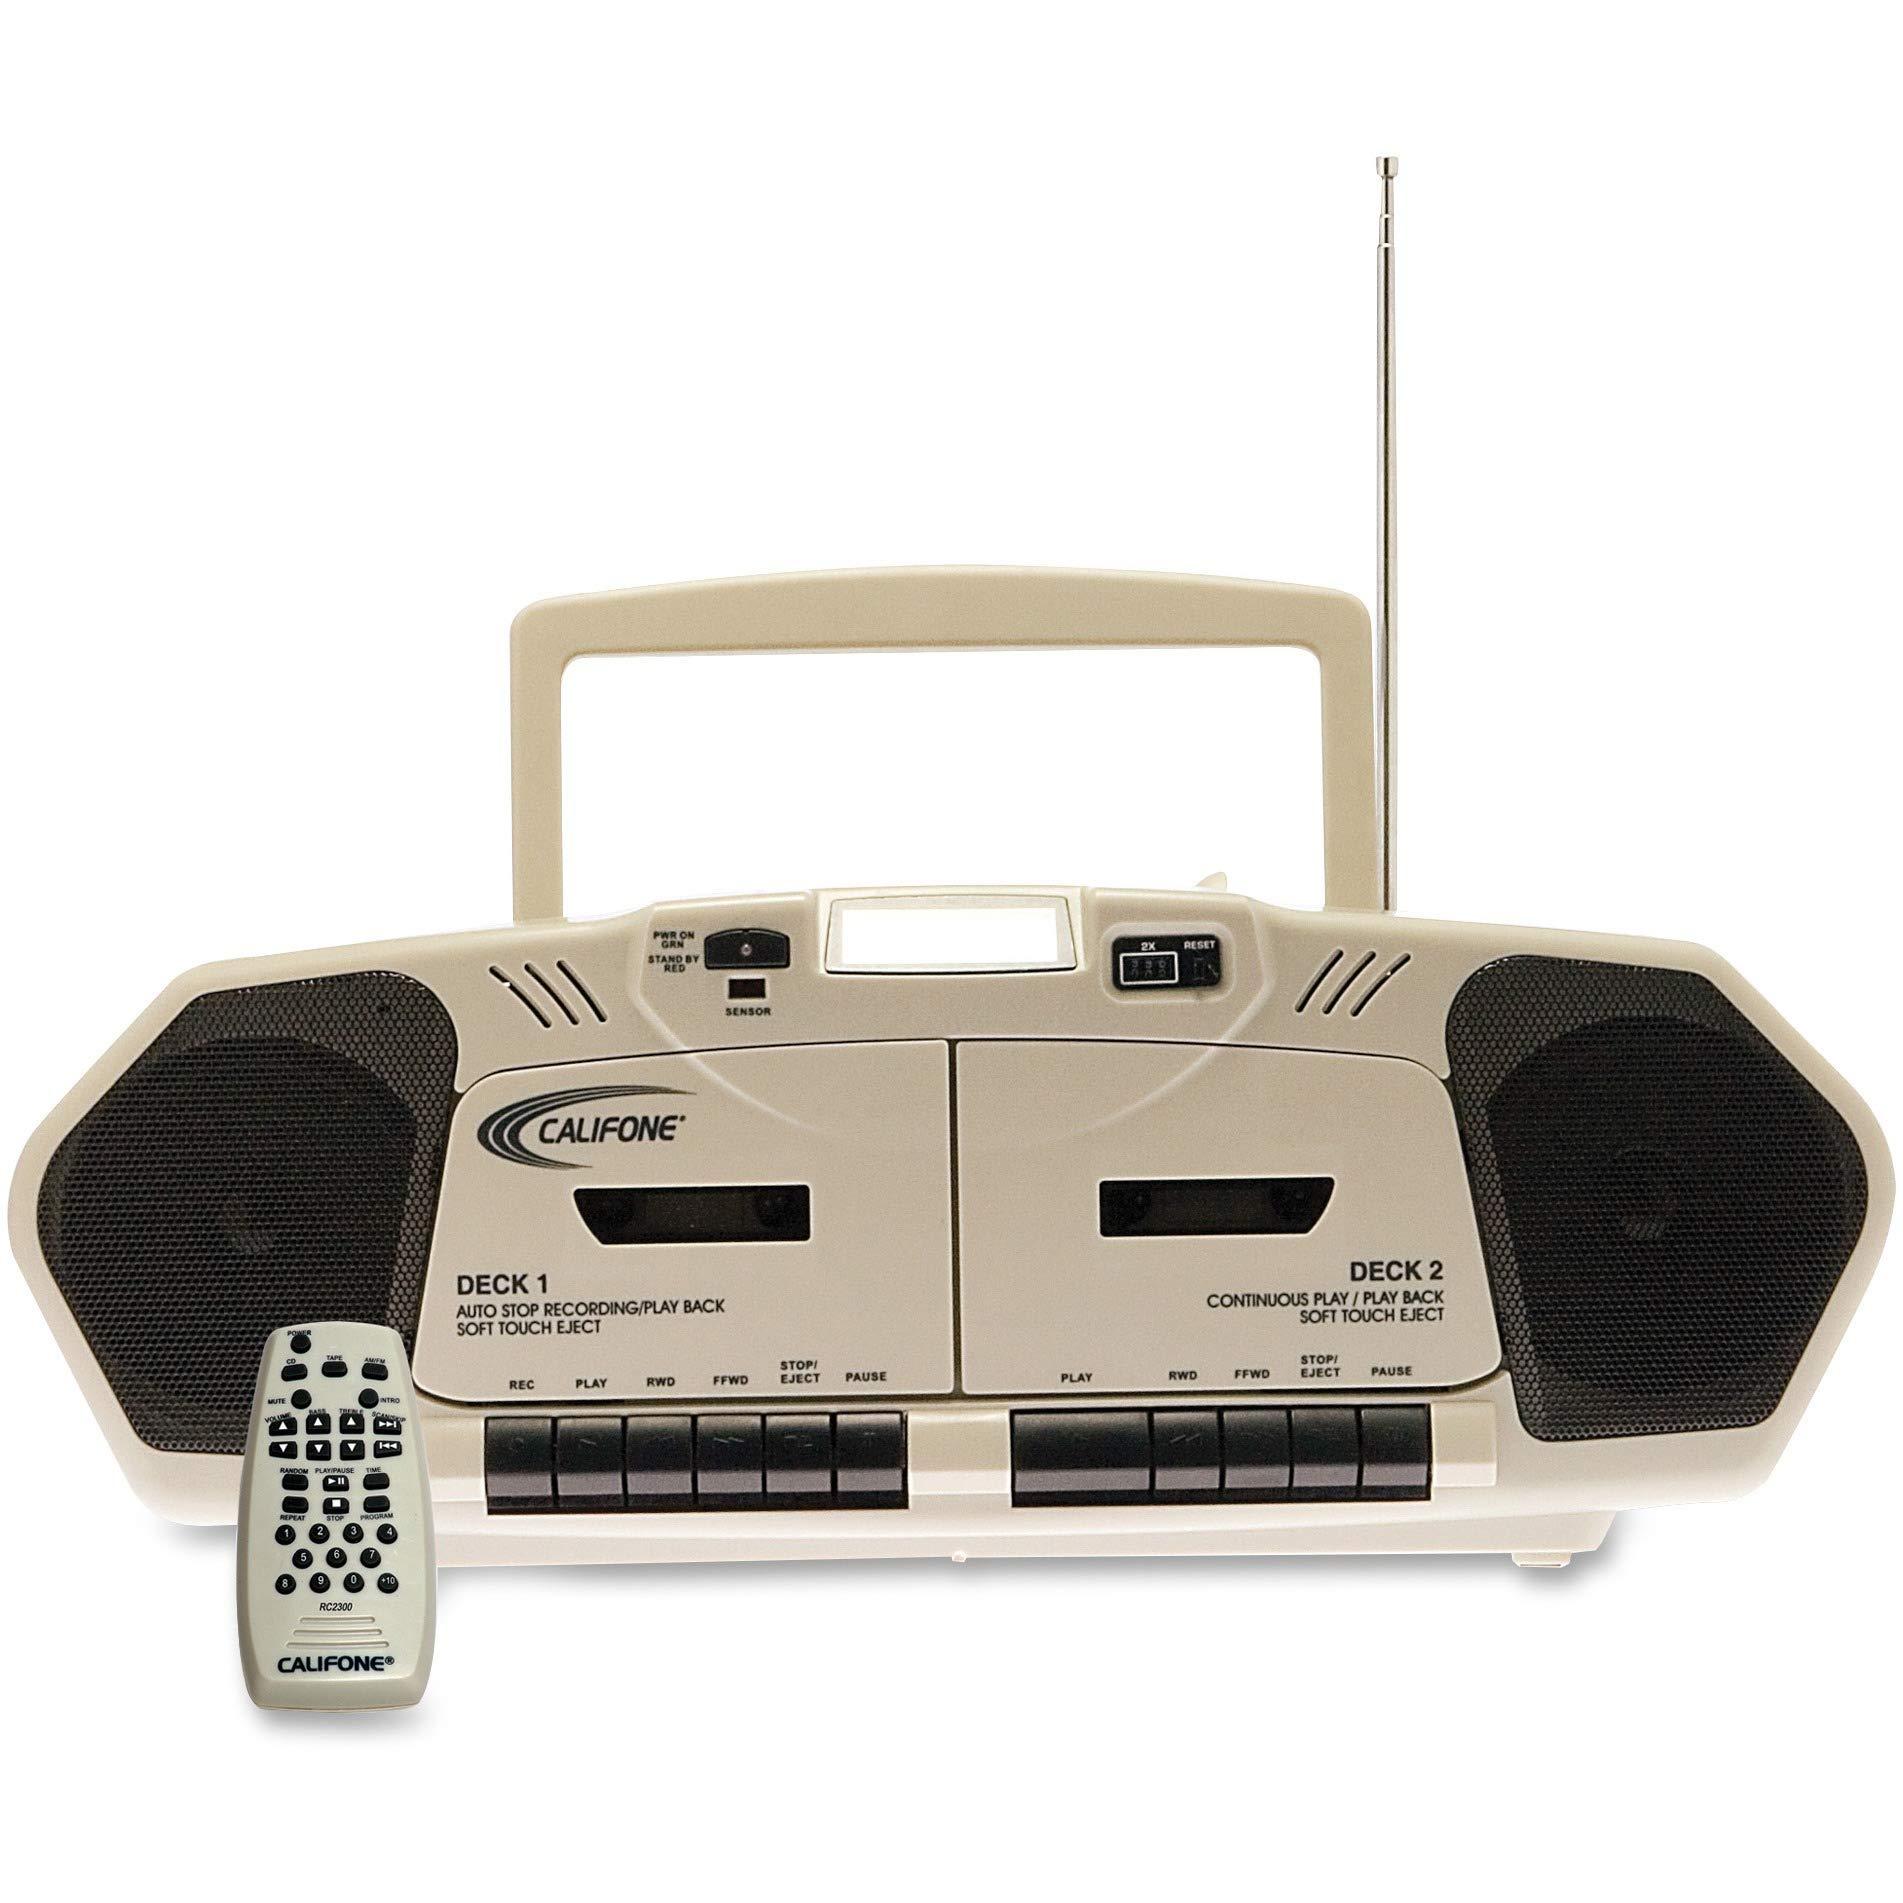 Manual Califone 2395AV02 Multimedia Player,AM/FM,CD,Group Listening Boombox, Beige